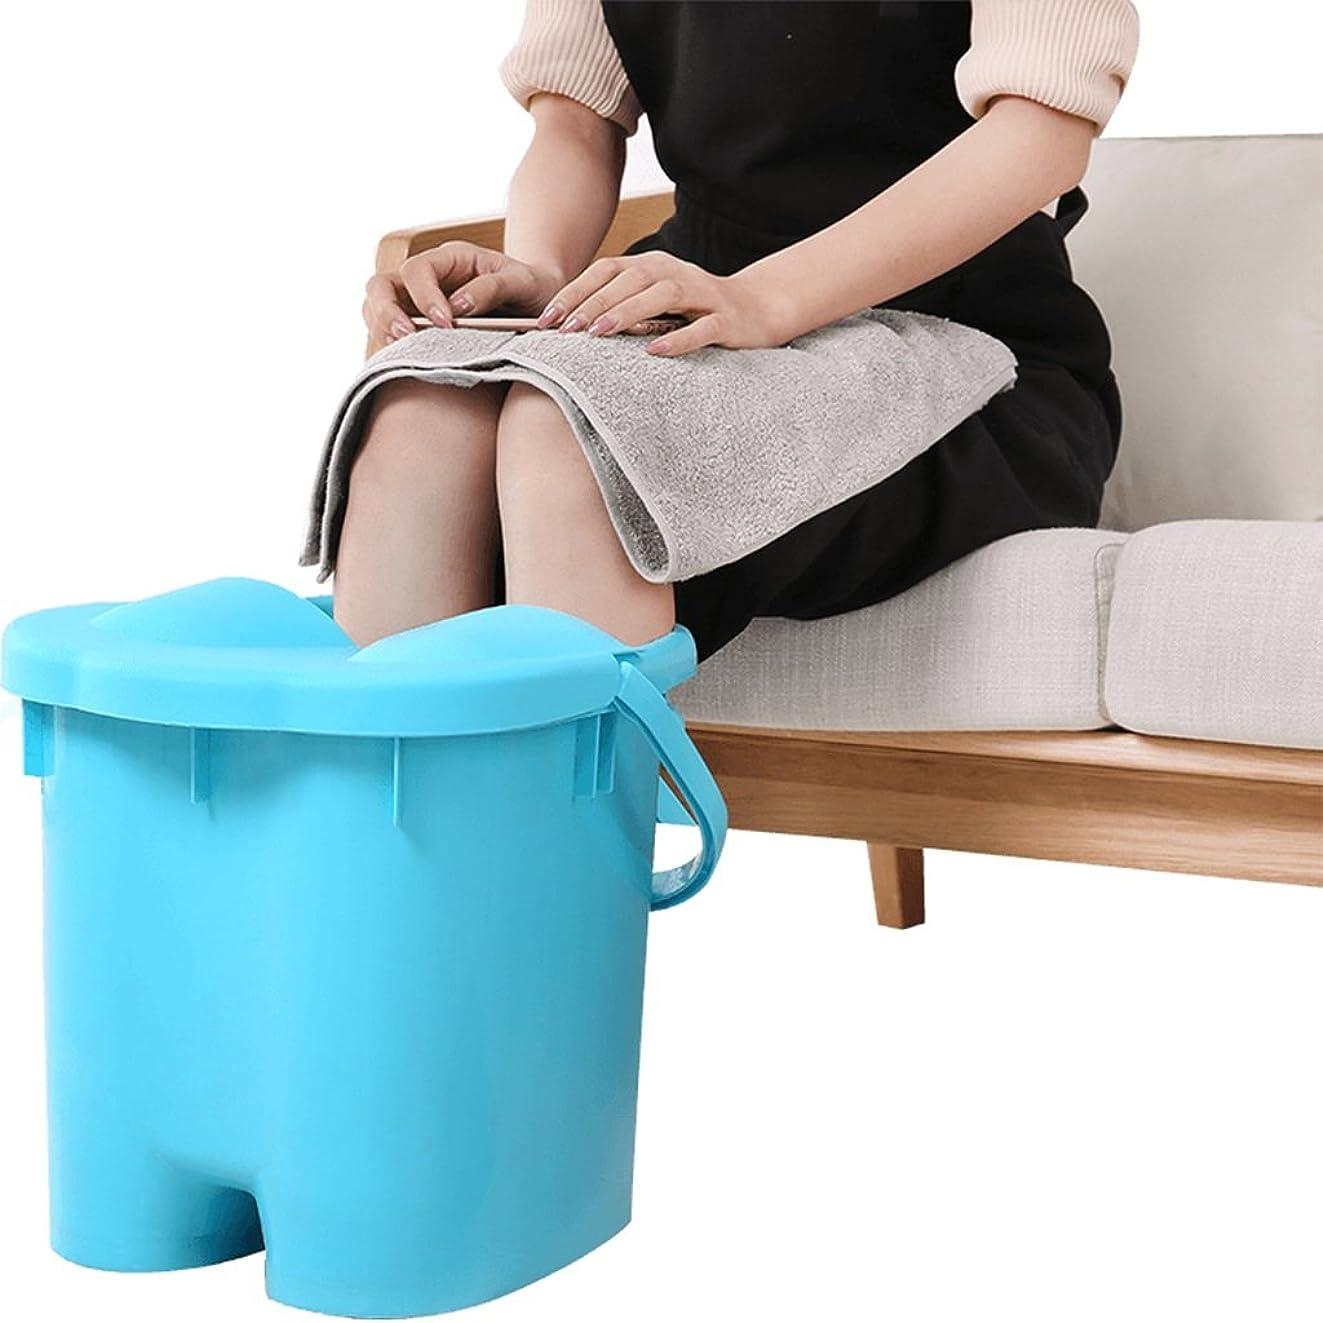 人柄マトリックス昆虫フットバスの子供の大人のプラスチック足のバスタブマッサージバレルホーム絶縁燻蒸バレルと厚い足のバスバケツ (Color : Blue, Size : 31*37*23.5cm)